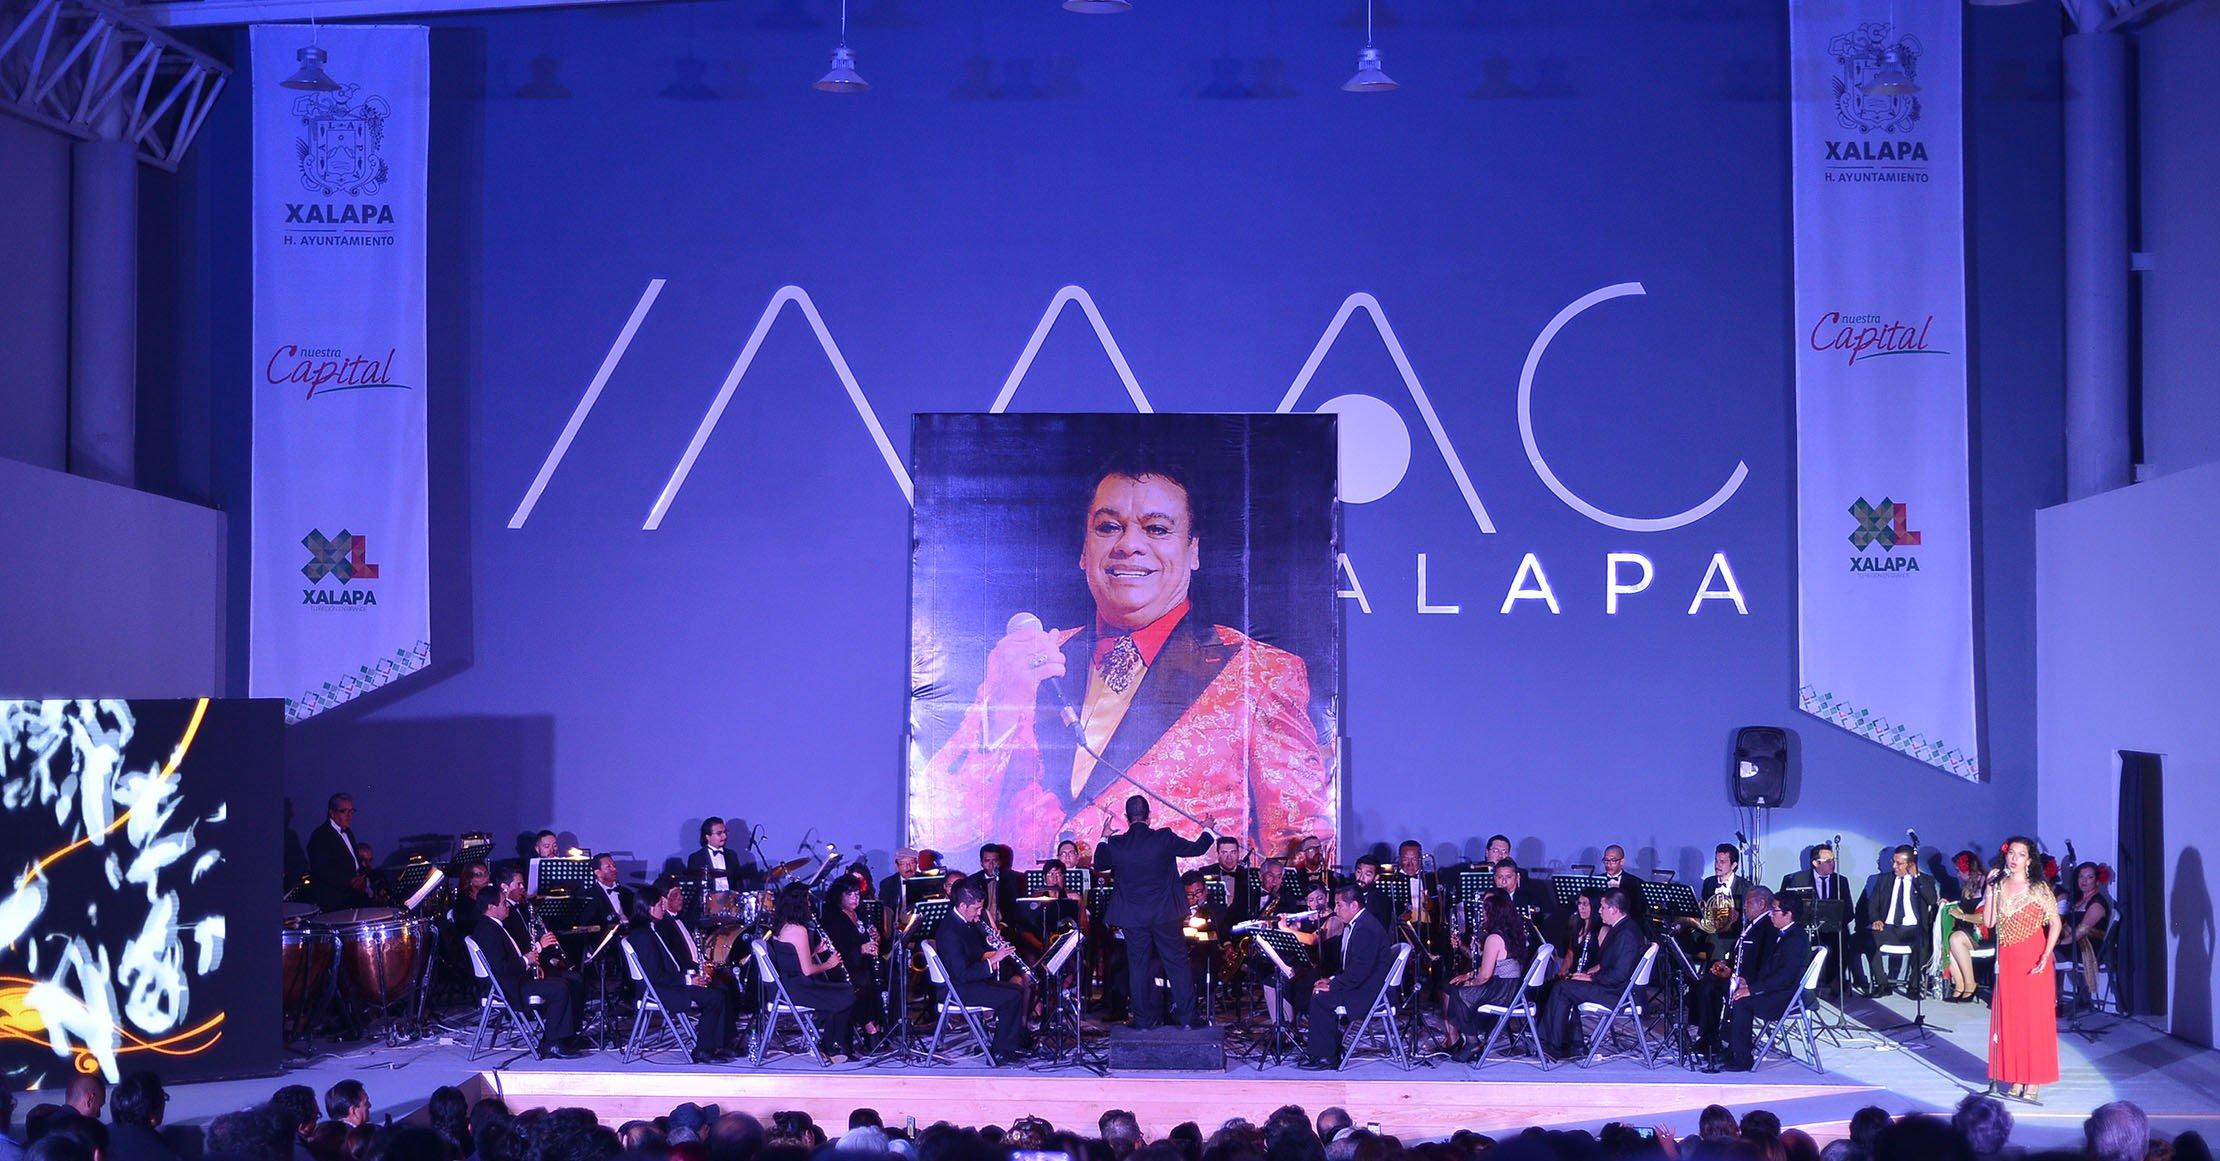 Orquesta Municipal de Xalapa rindió homenaje a Juan Gabriel en el IMAC